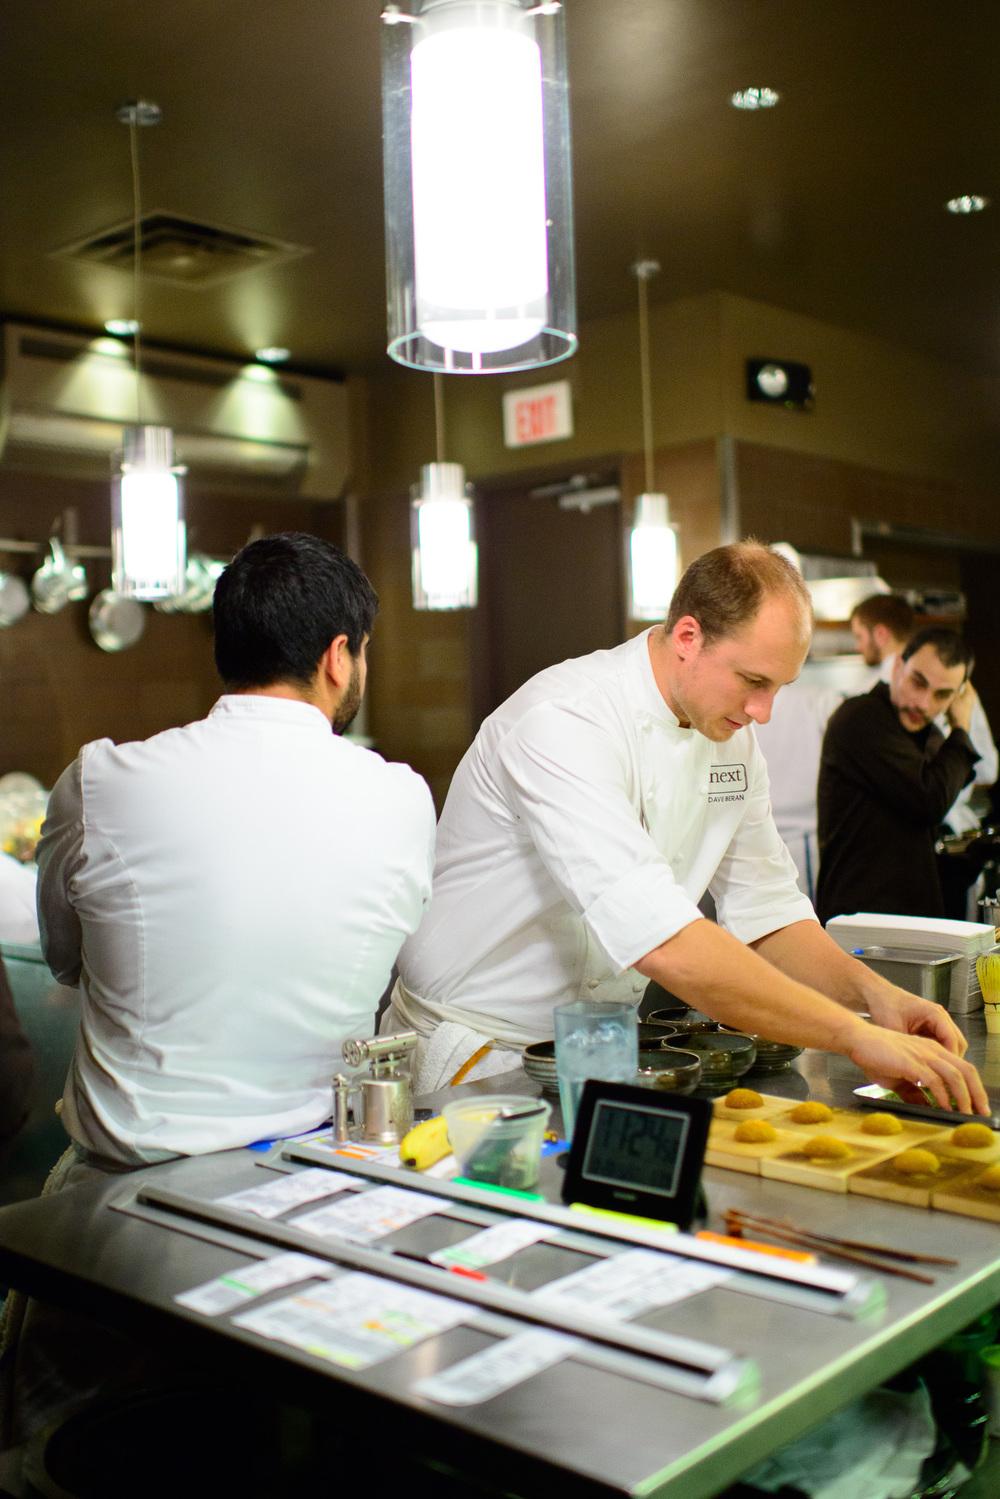 Chef David Beran